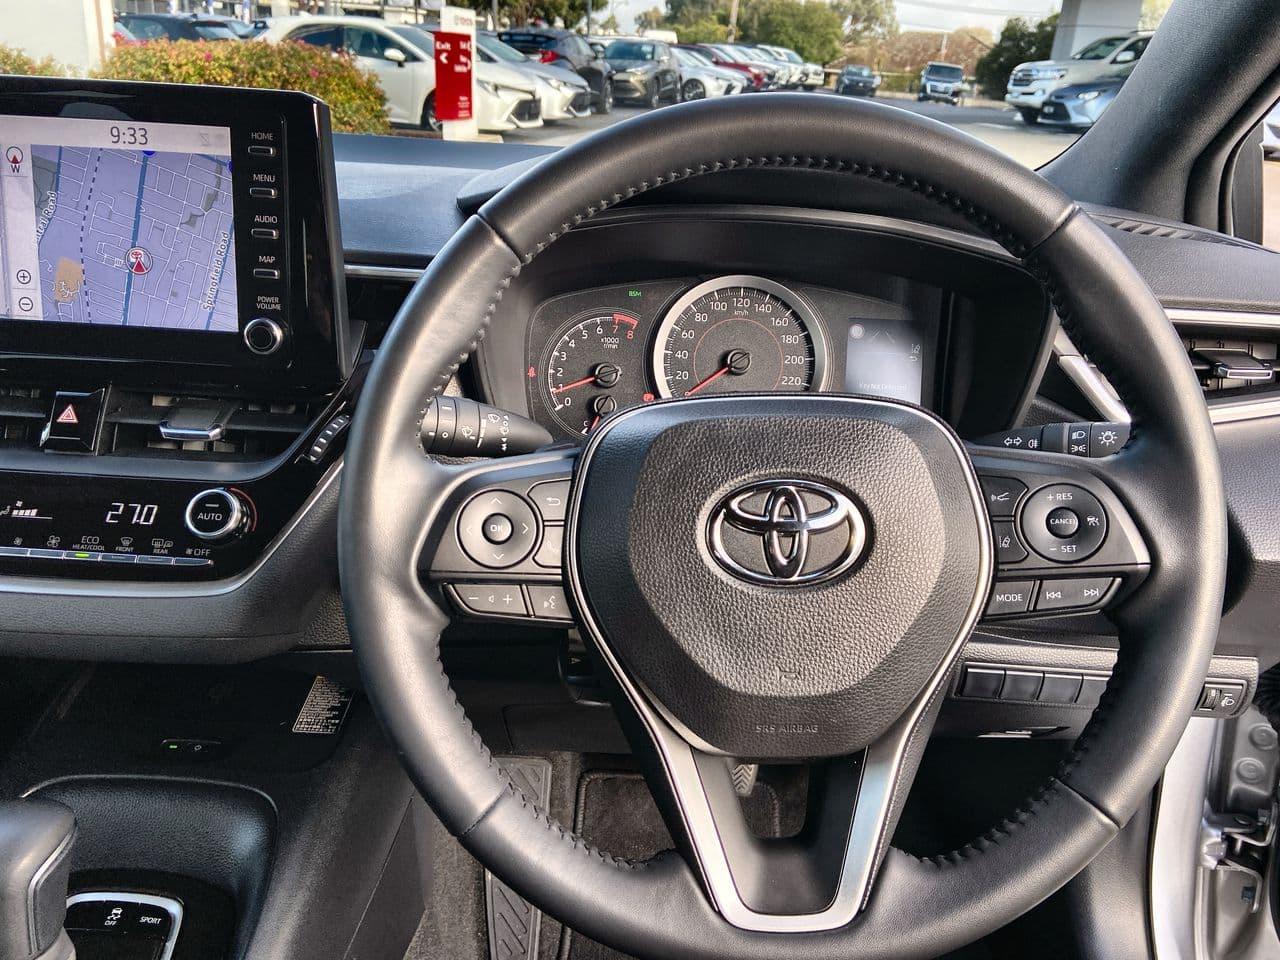 2018 Toyota Corolla SX Auto - image 13